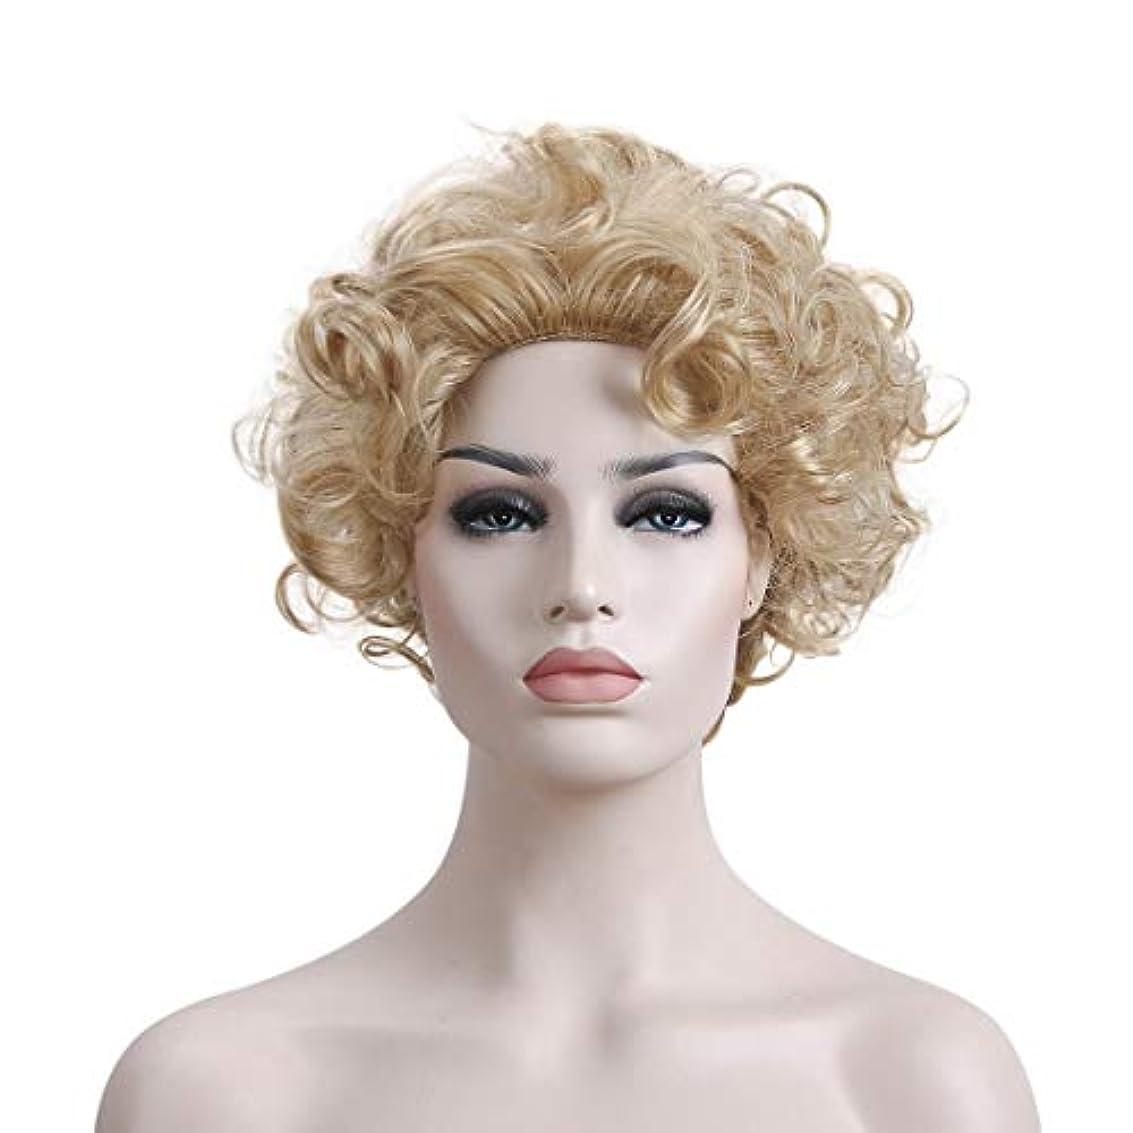 社会科編集する会話YOUQIU 10インチホワイト女性金髪ボブウィッグ自然な熱のためのショートカーリーウィッグ性合成ファッションかつらウィッグ (色 : ゴールド, サイズ : 10